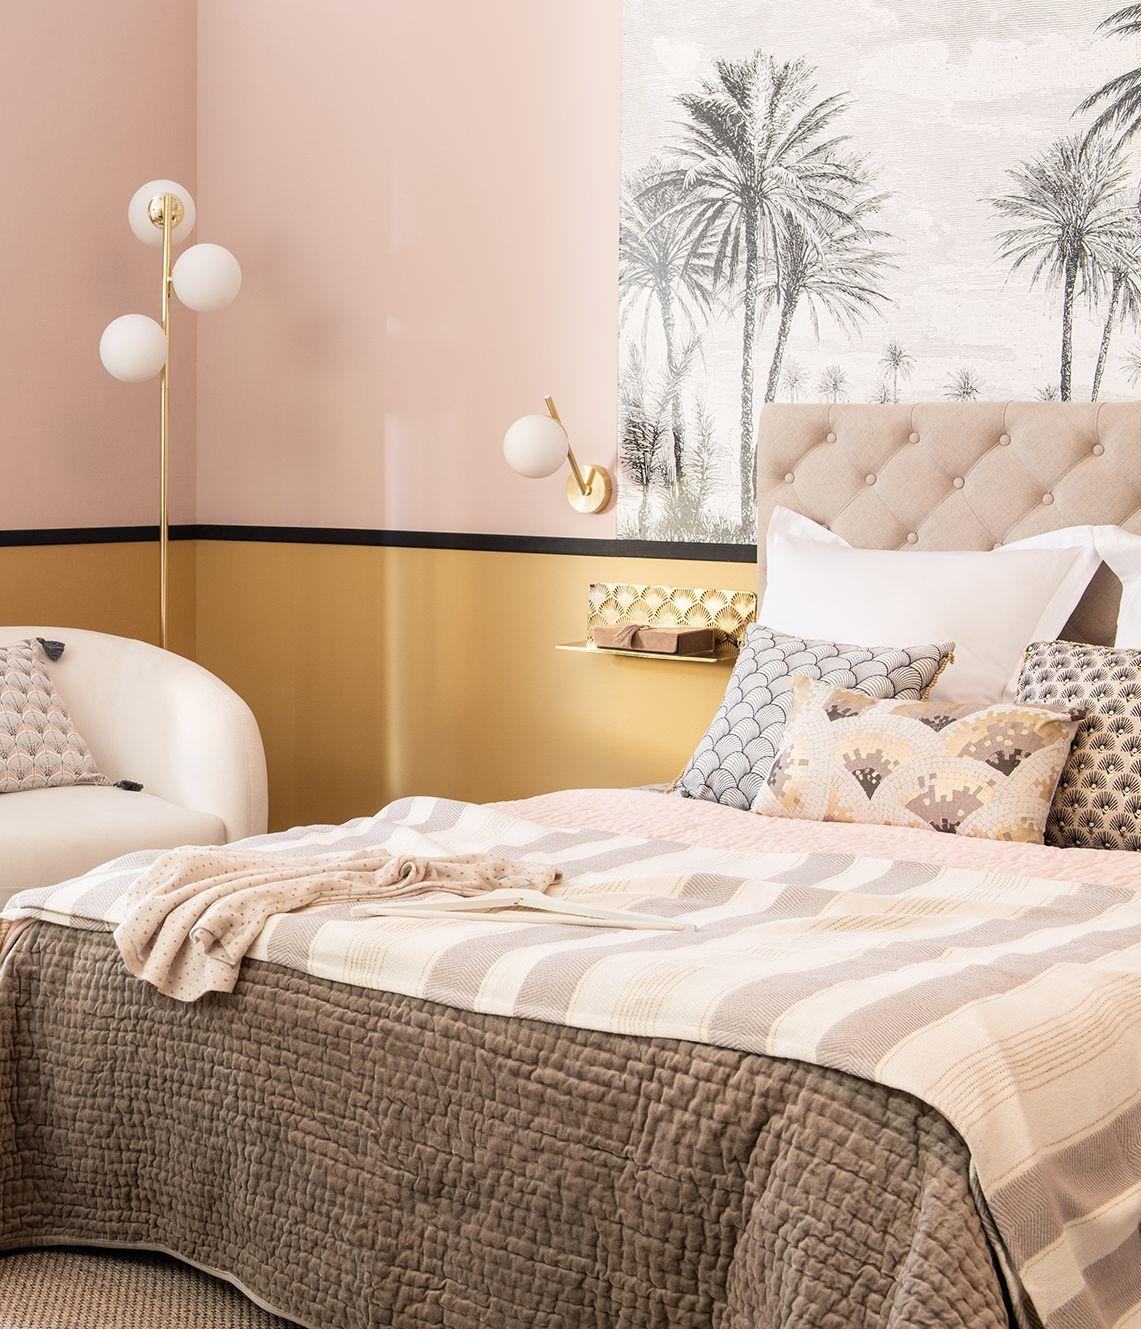 chambre esprit design touches de laiton or doré tableau palmiers